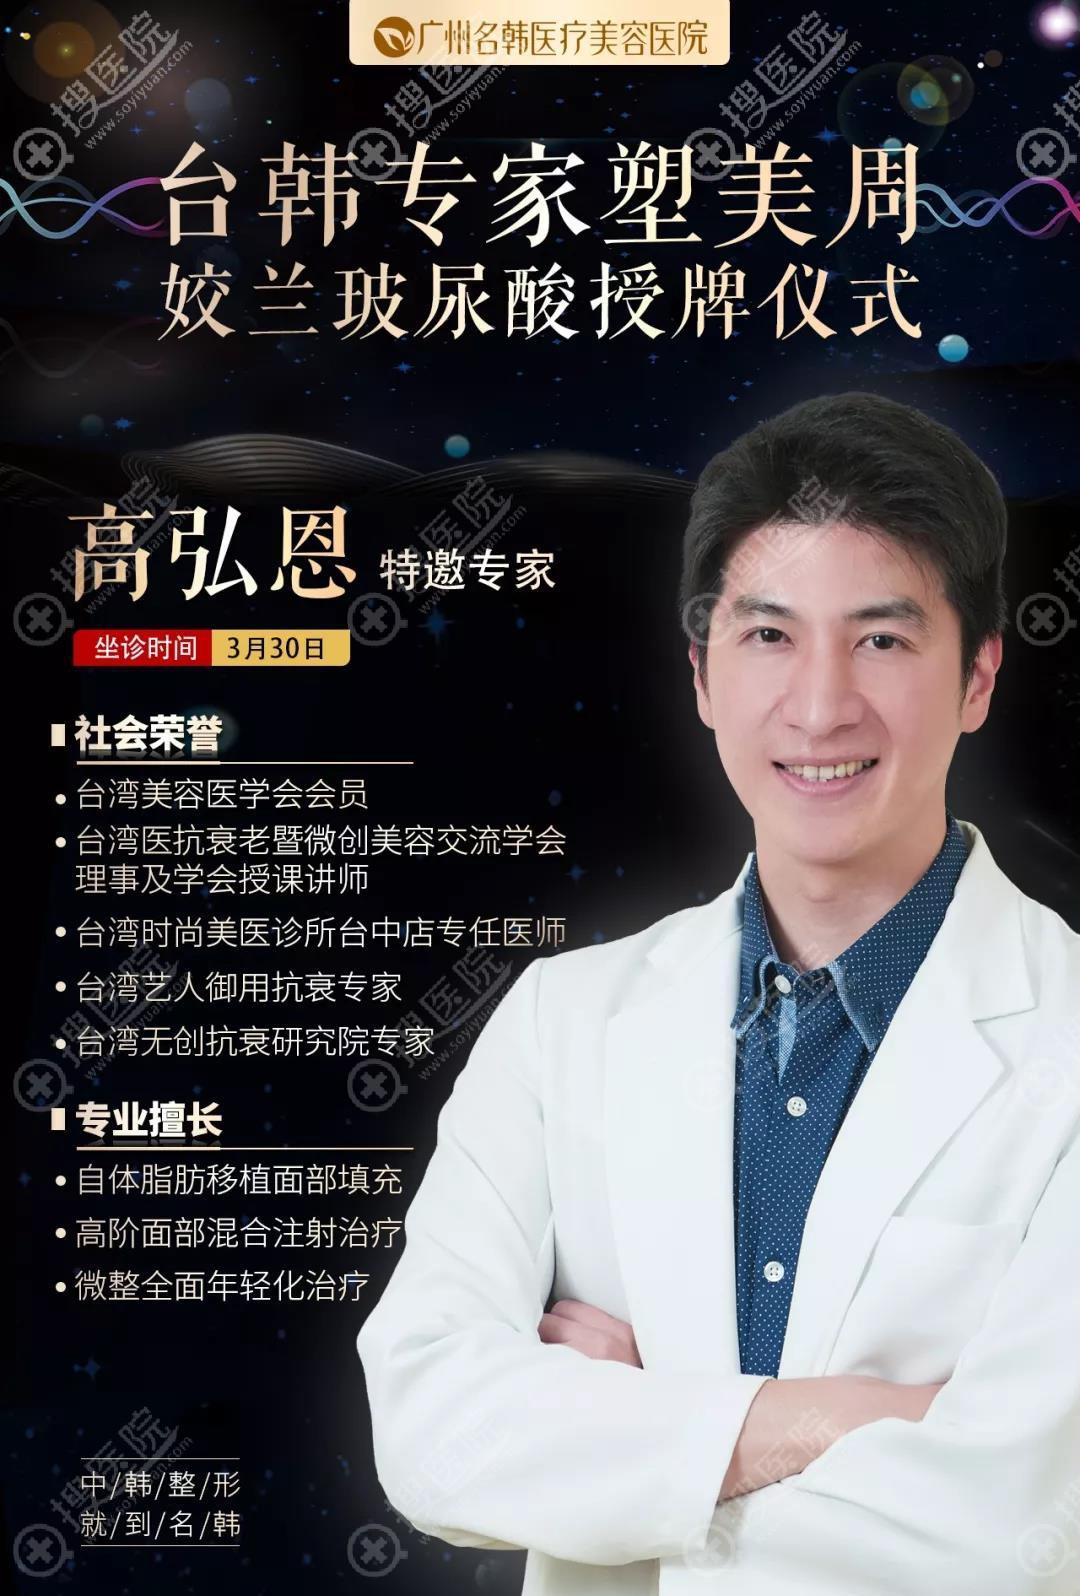 广州名韩特邀台湾抗衰医生高弘恩